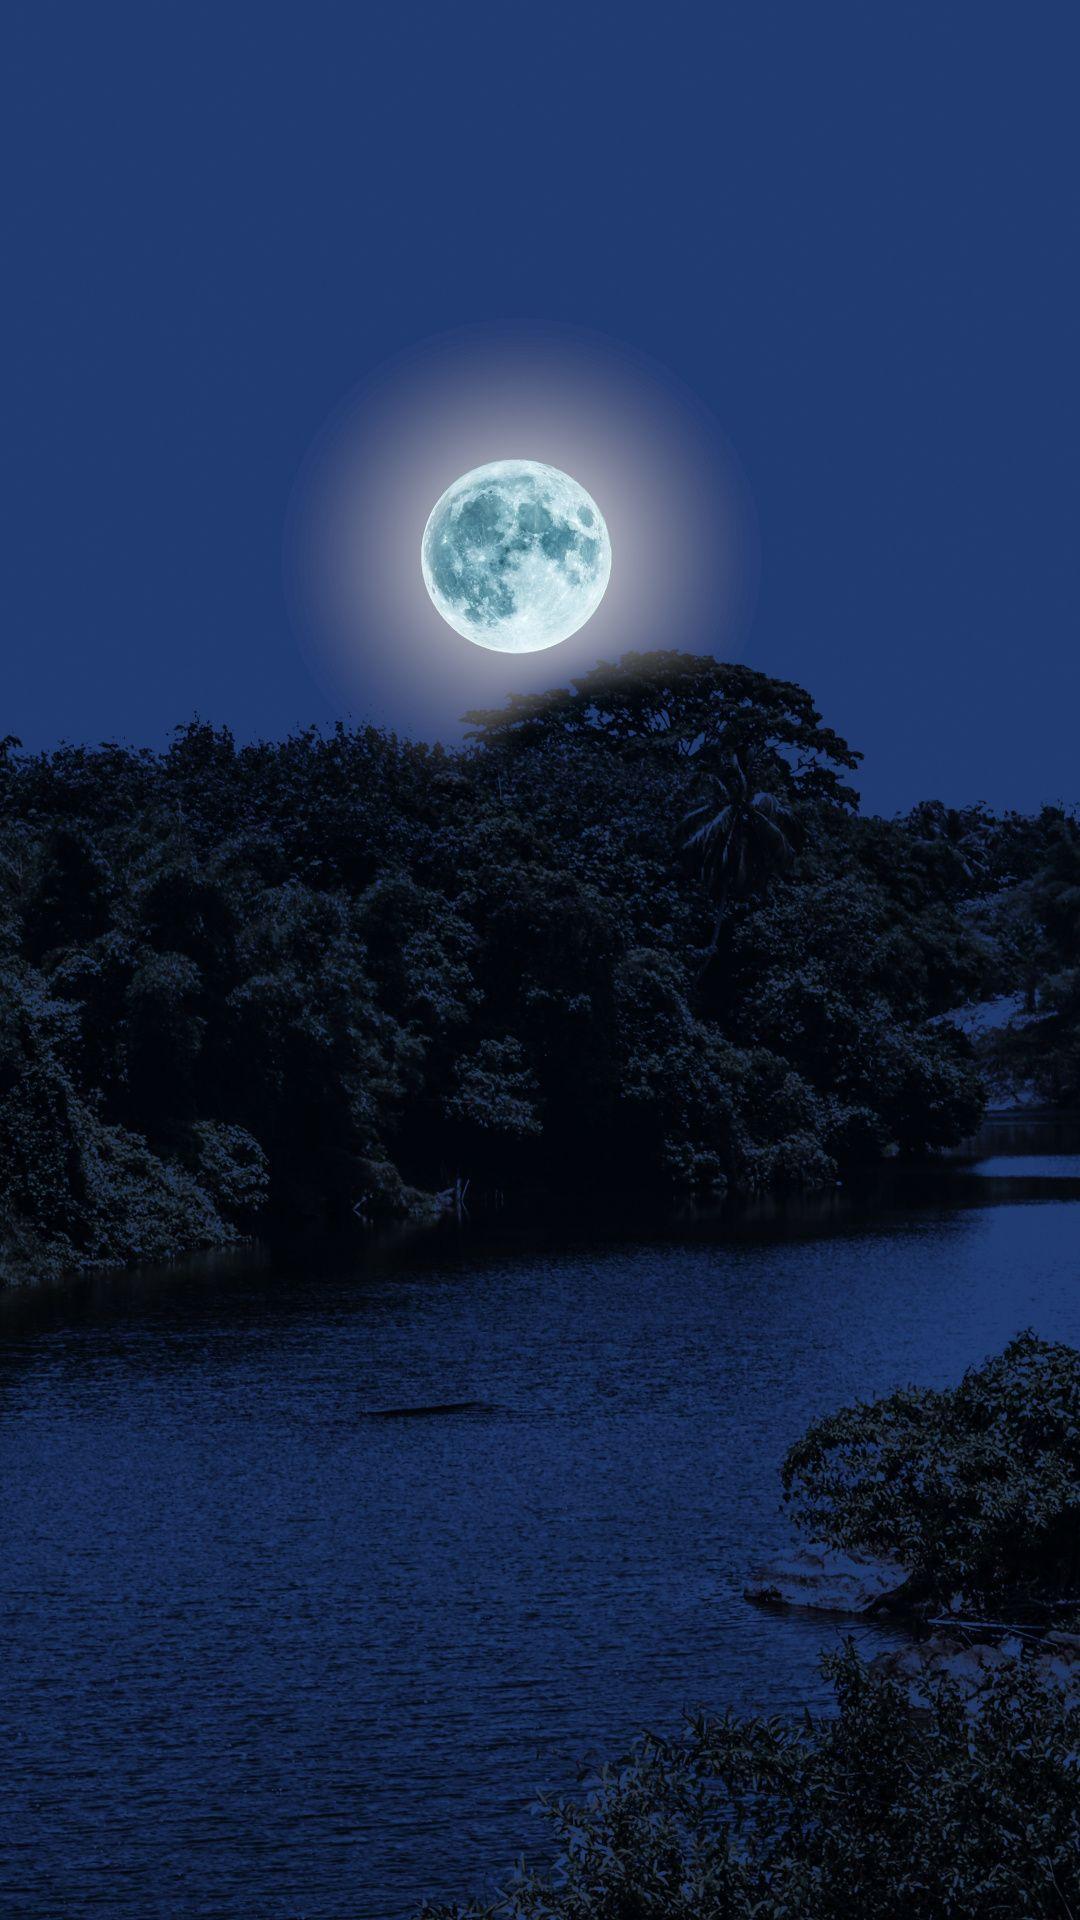 Moon Light Night River Trees Nature Wallpaper Good Night Image Beautiful Good Night Images Good Night Wallpaper